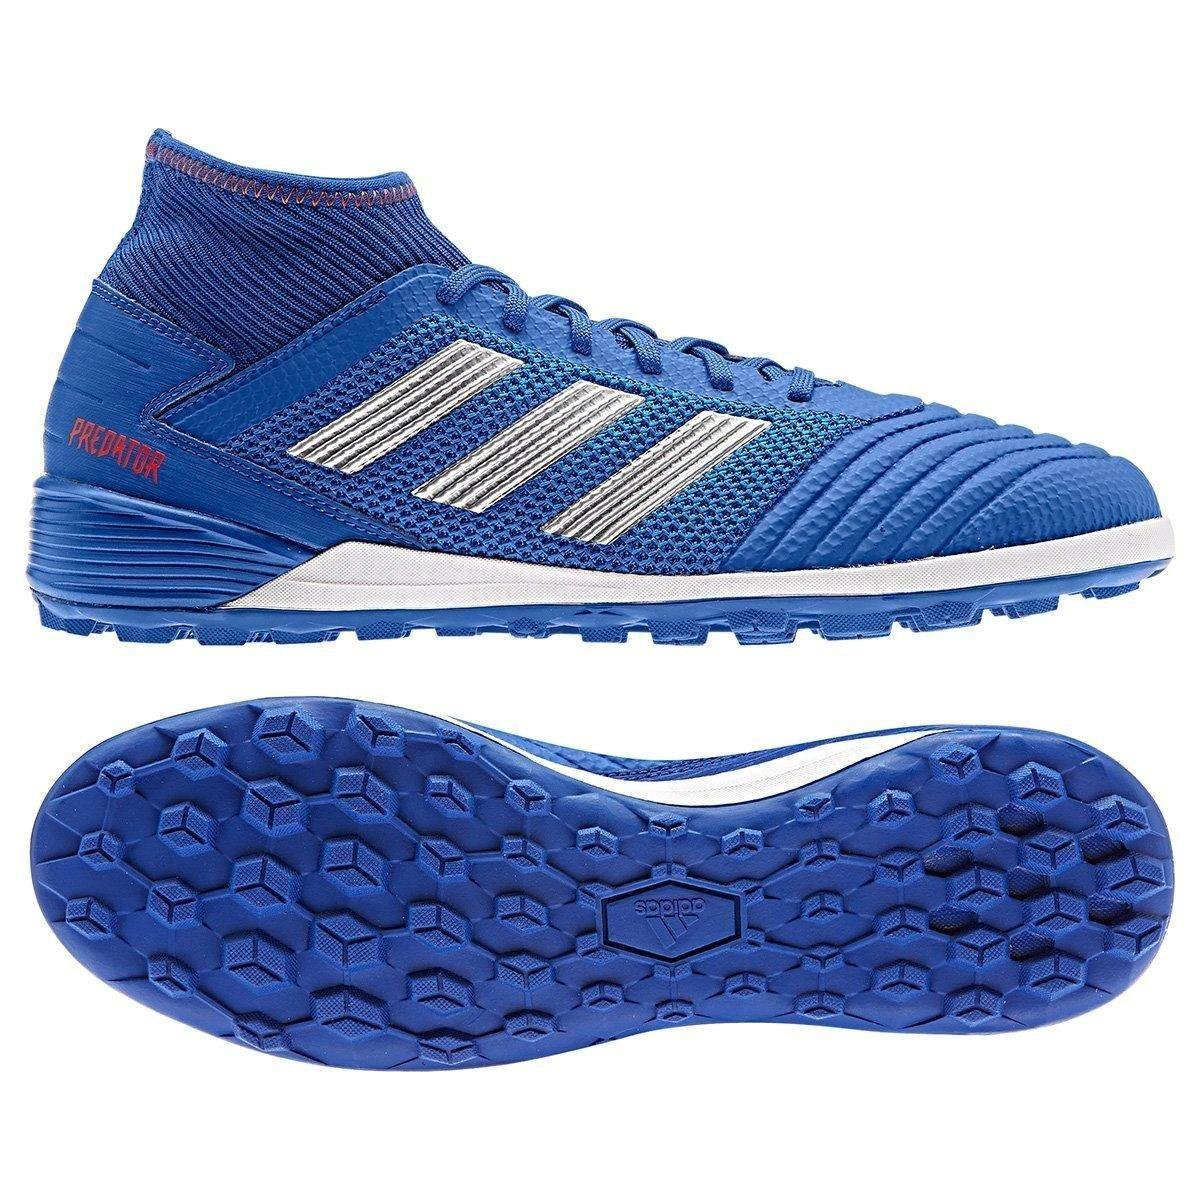 2129deb6a0b Chuteira Society Adidas Predator 19 3 TF - Compre Agora